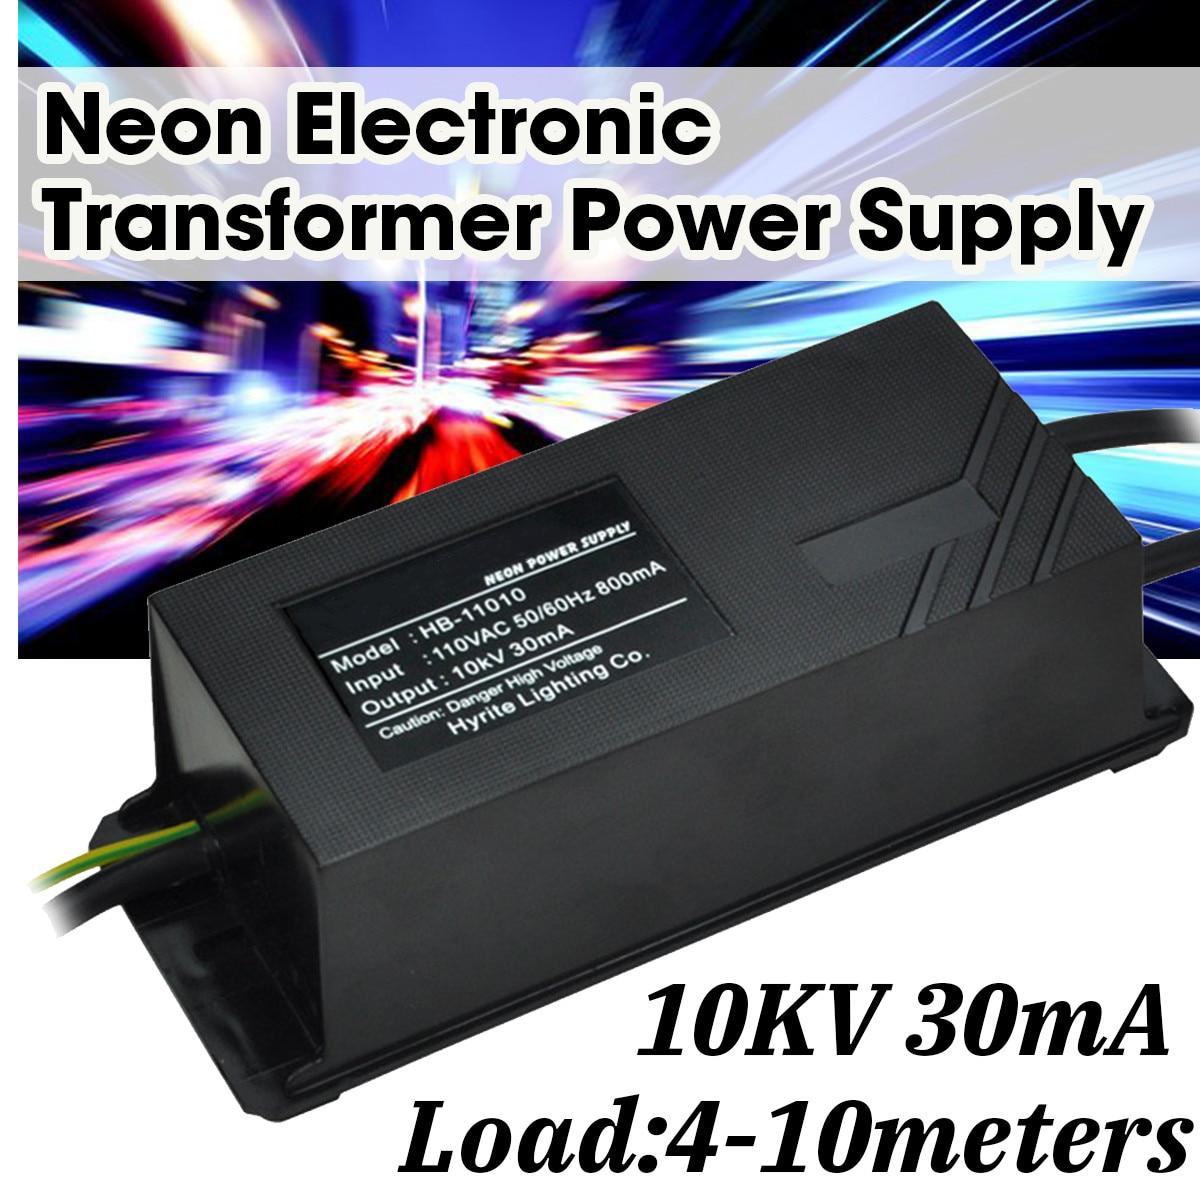 Carga eletrônica de néon 4-10 medidores da fonte de alimentação do transformador de 110v 7. 5kv/10kv 30ma